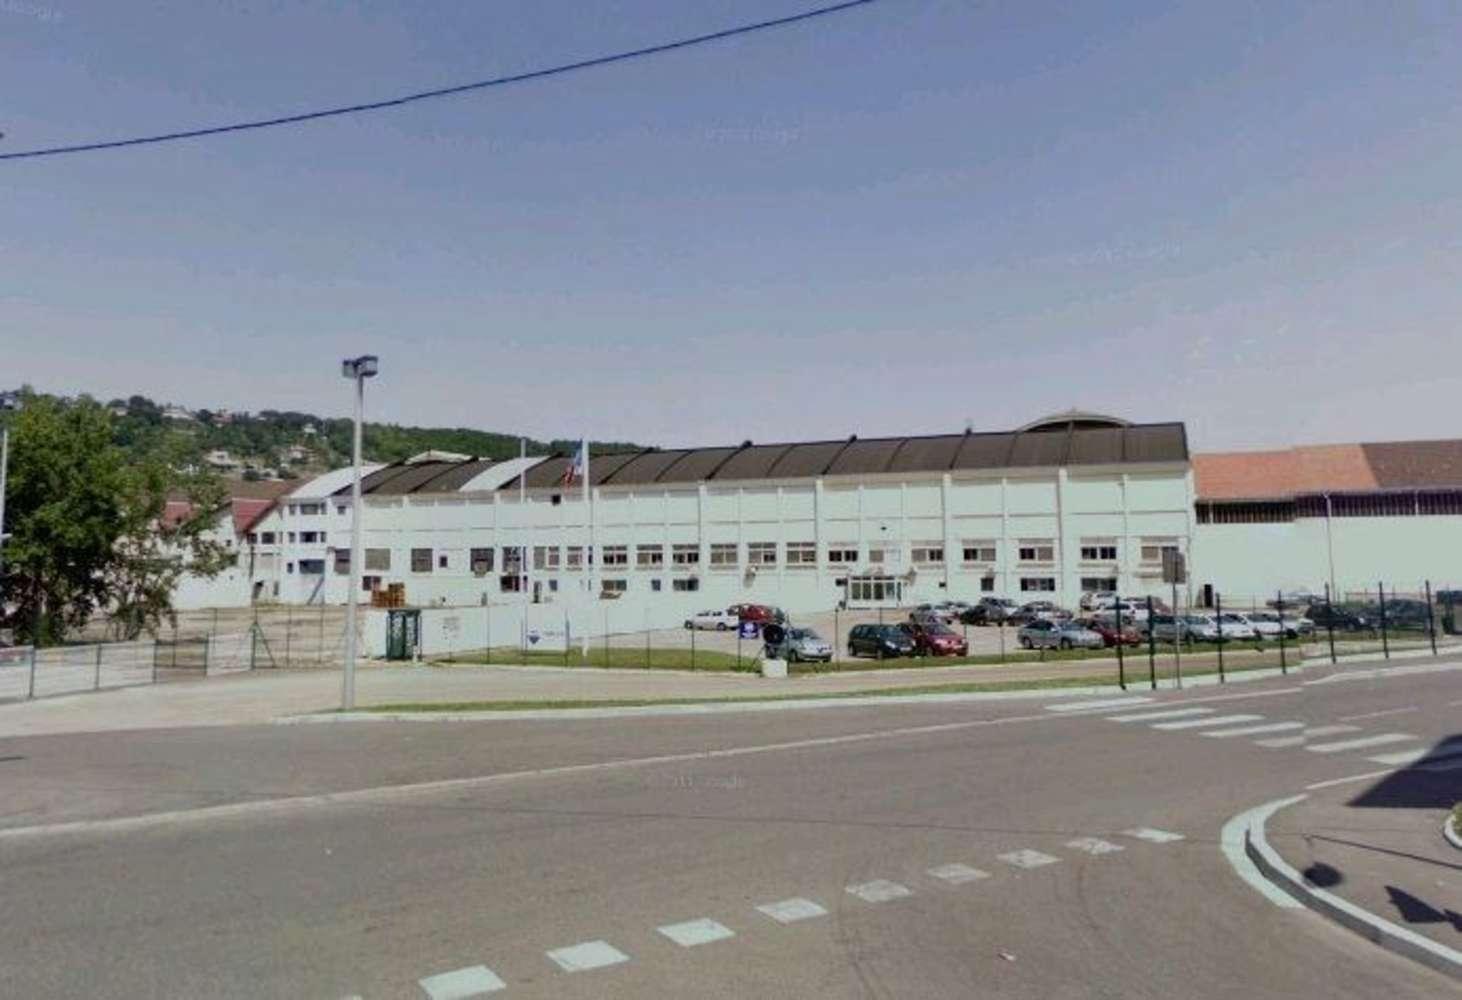 Activités/entrepôt Givors, 69700 - Entrepot à vendre Lyon Sud / Givors - 9553465